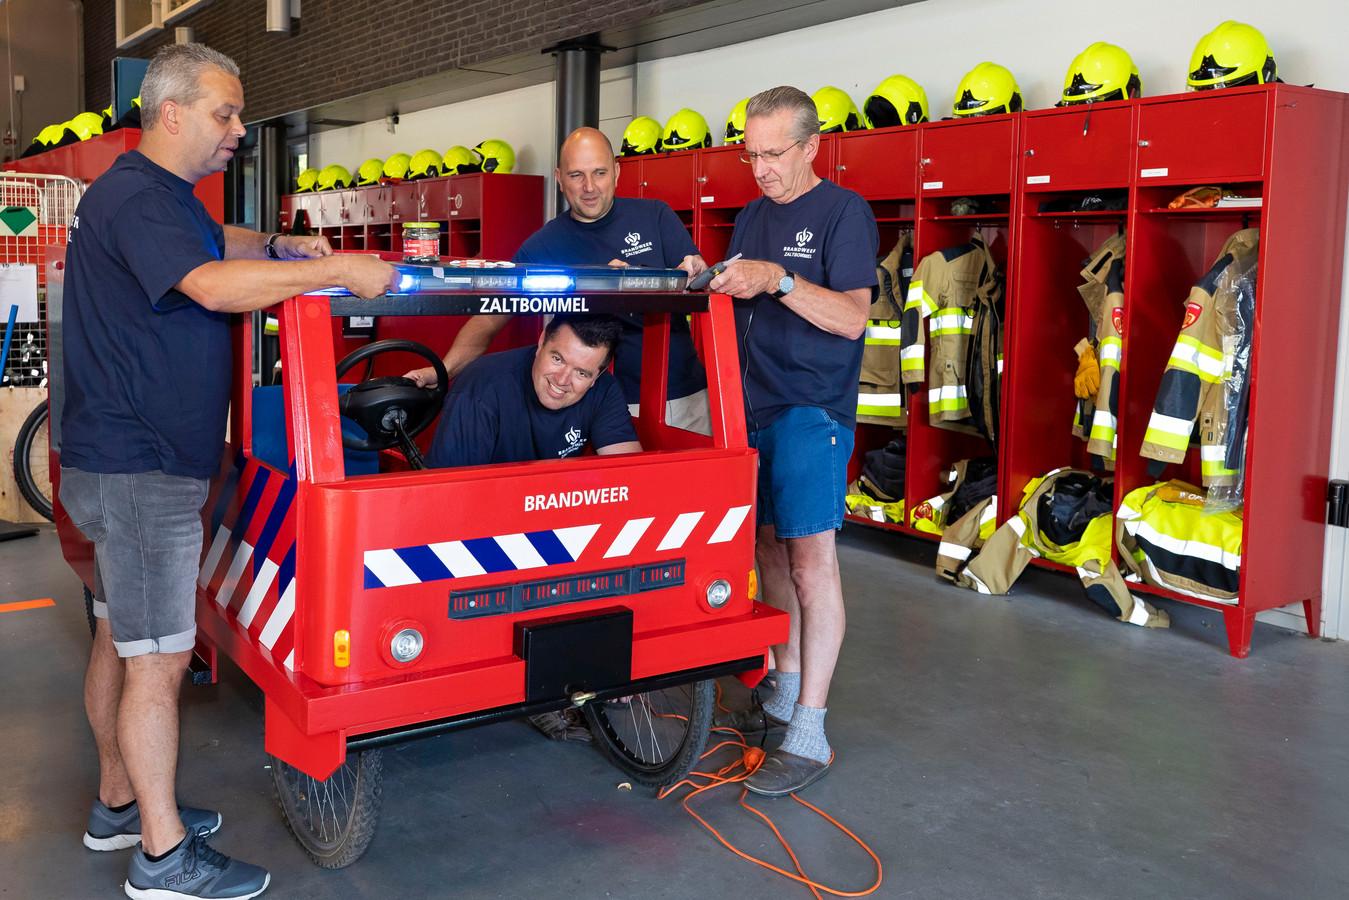 De mannen van de brandweer bouwen een zeepkist voor de wedstrijd tijdens de Bommelweek.